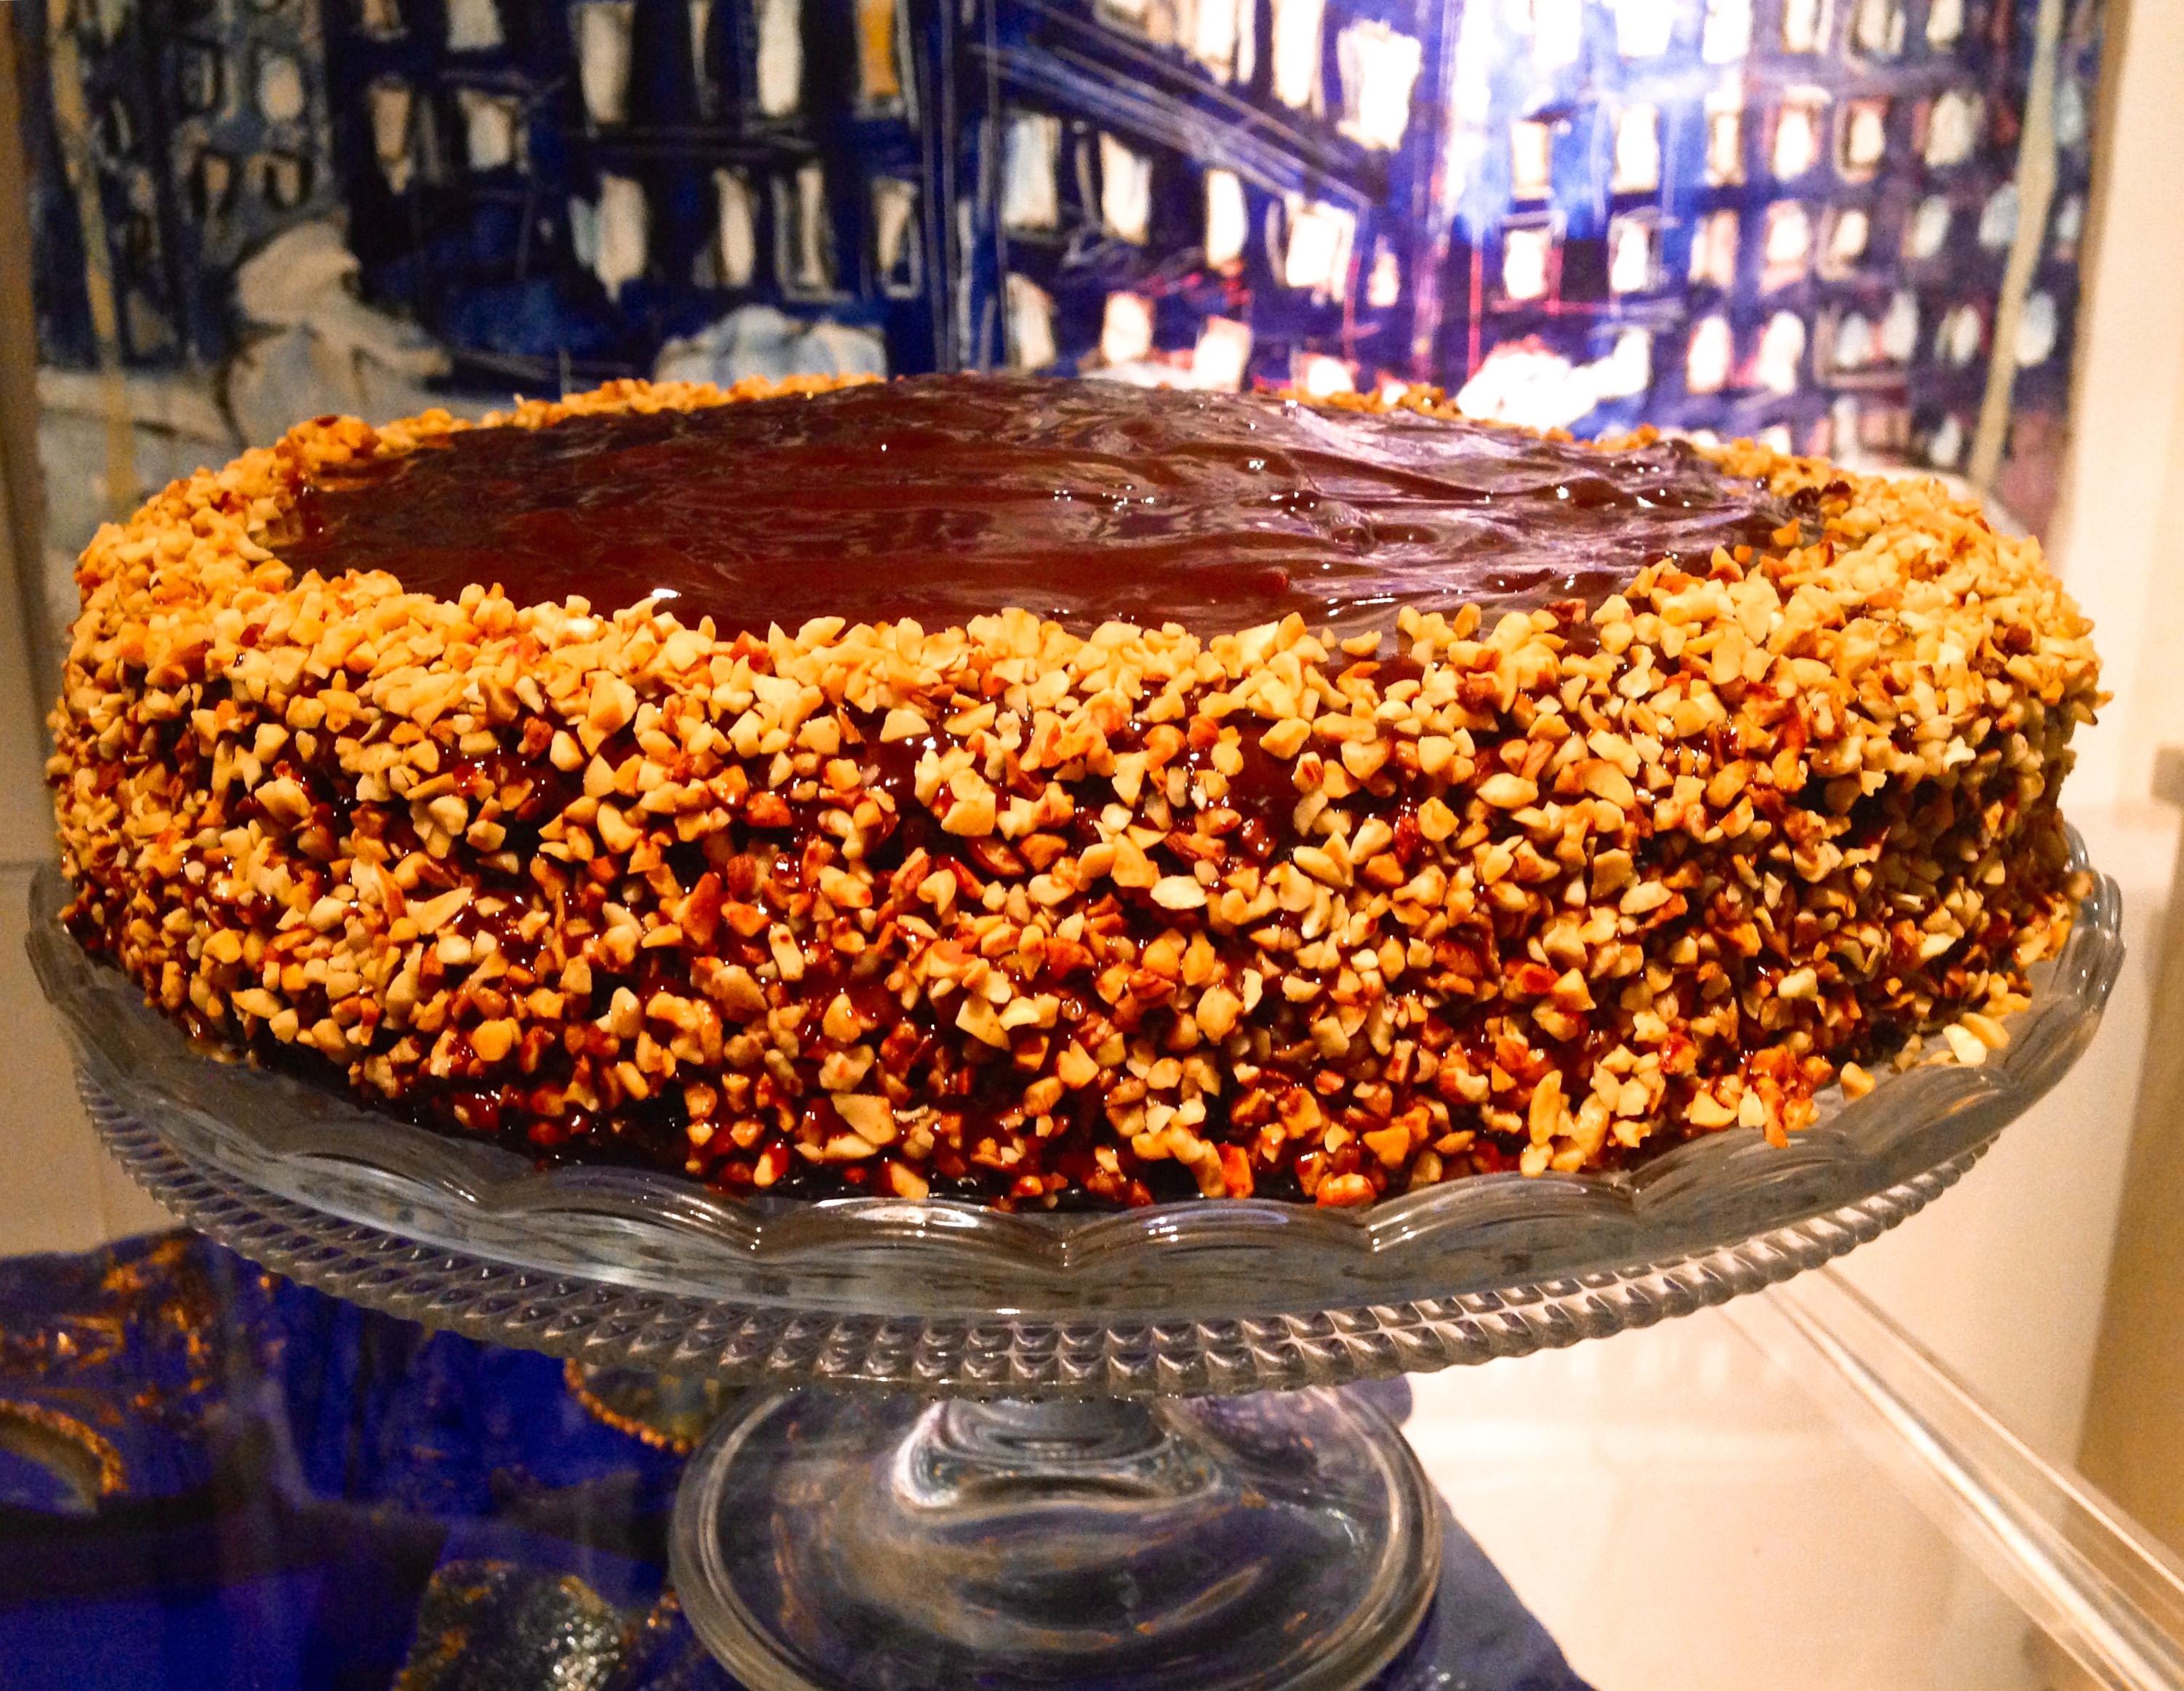 La Torta con ganache al cioccolato senza burro, un dolce da pasticceria di dolci senza burro!